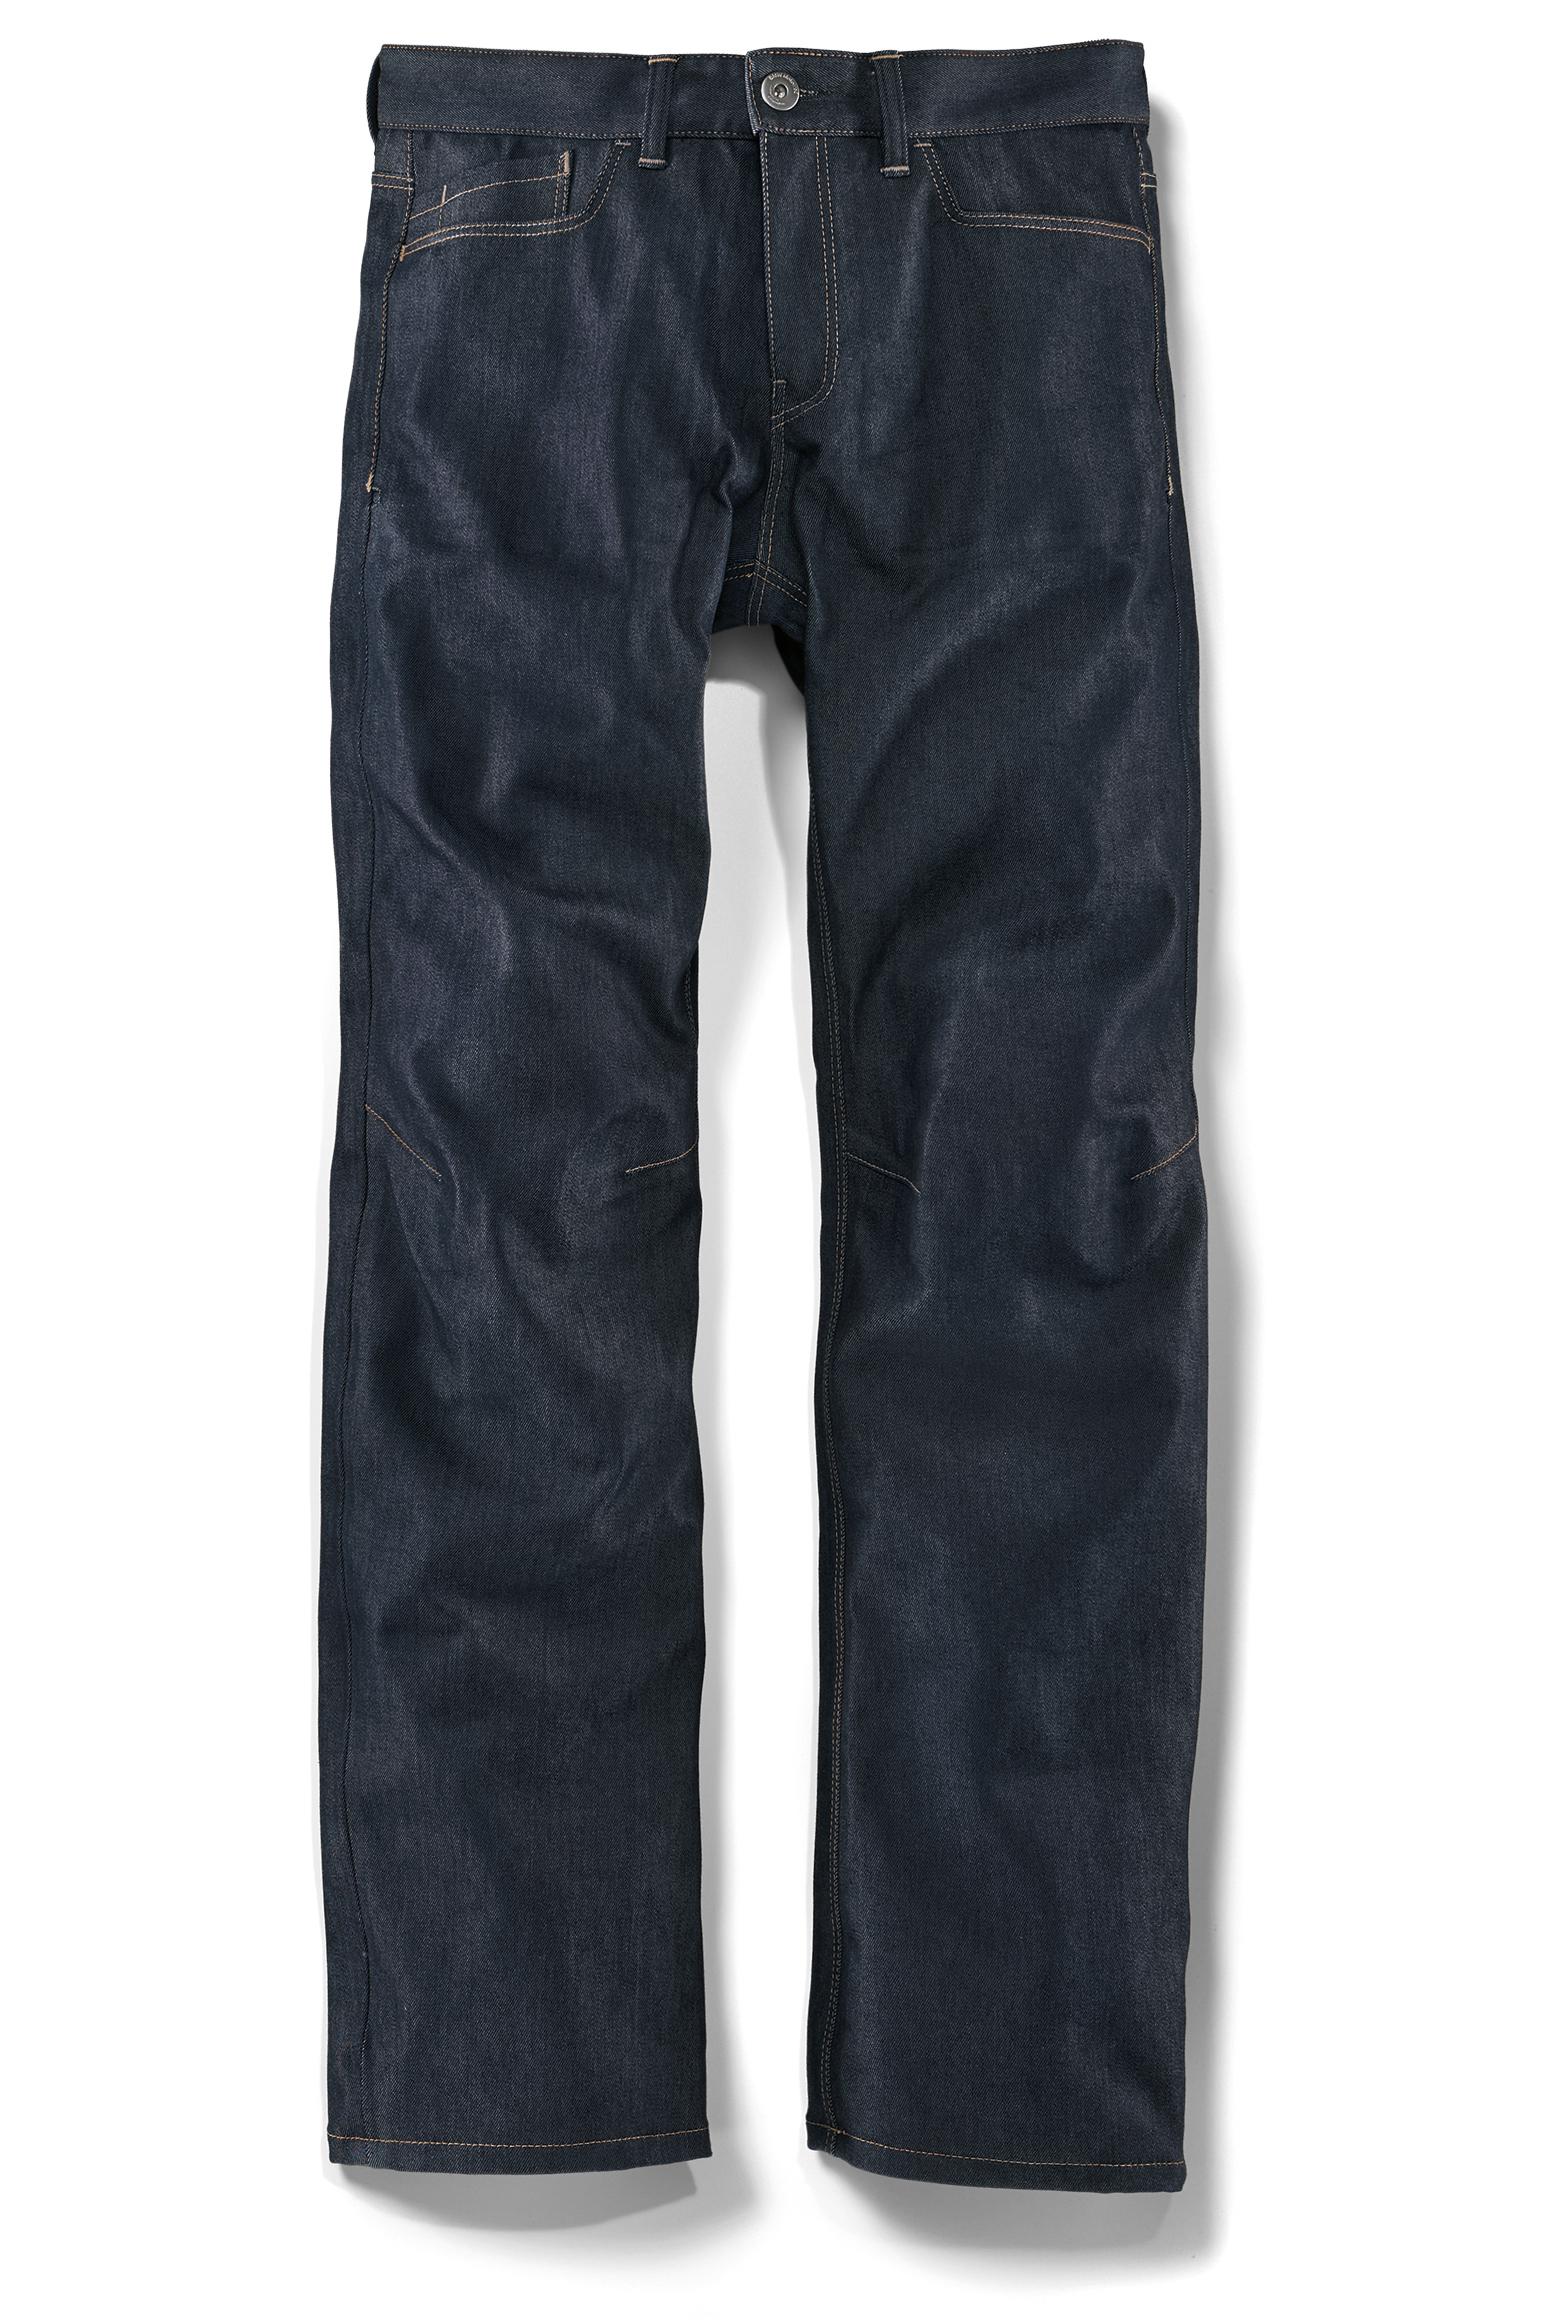 Мужские мото джинсы BMW Motorrad Trousers WaterProof,